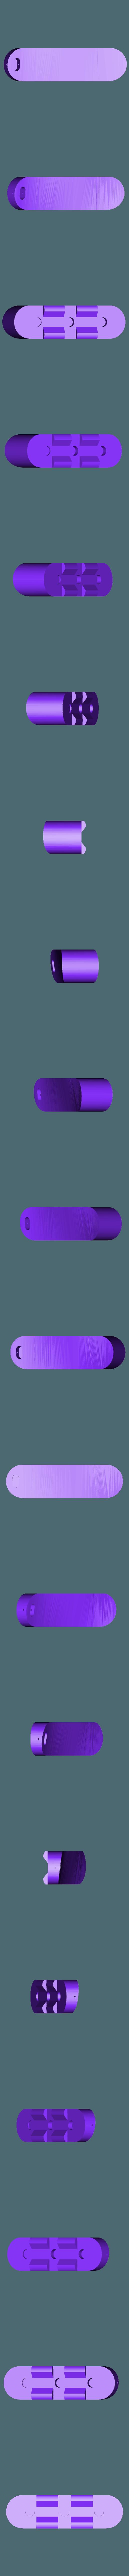 BaikalGripMagPlugV2.stl Télécharger fichier STL gratuit Bouchon magnétique Baikal MP-651K pour poignée ergonomique • Plan pour imprimante 3D, Milan_Gajic